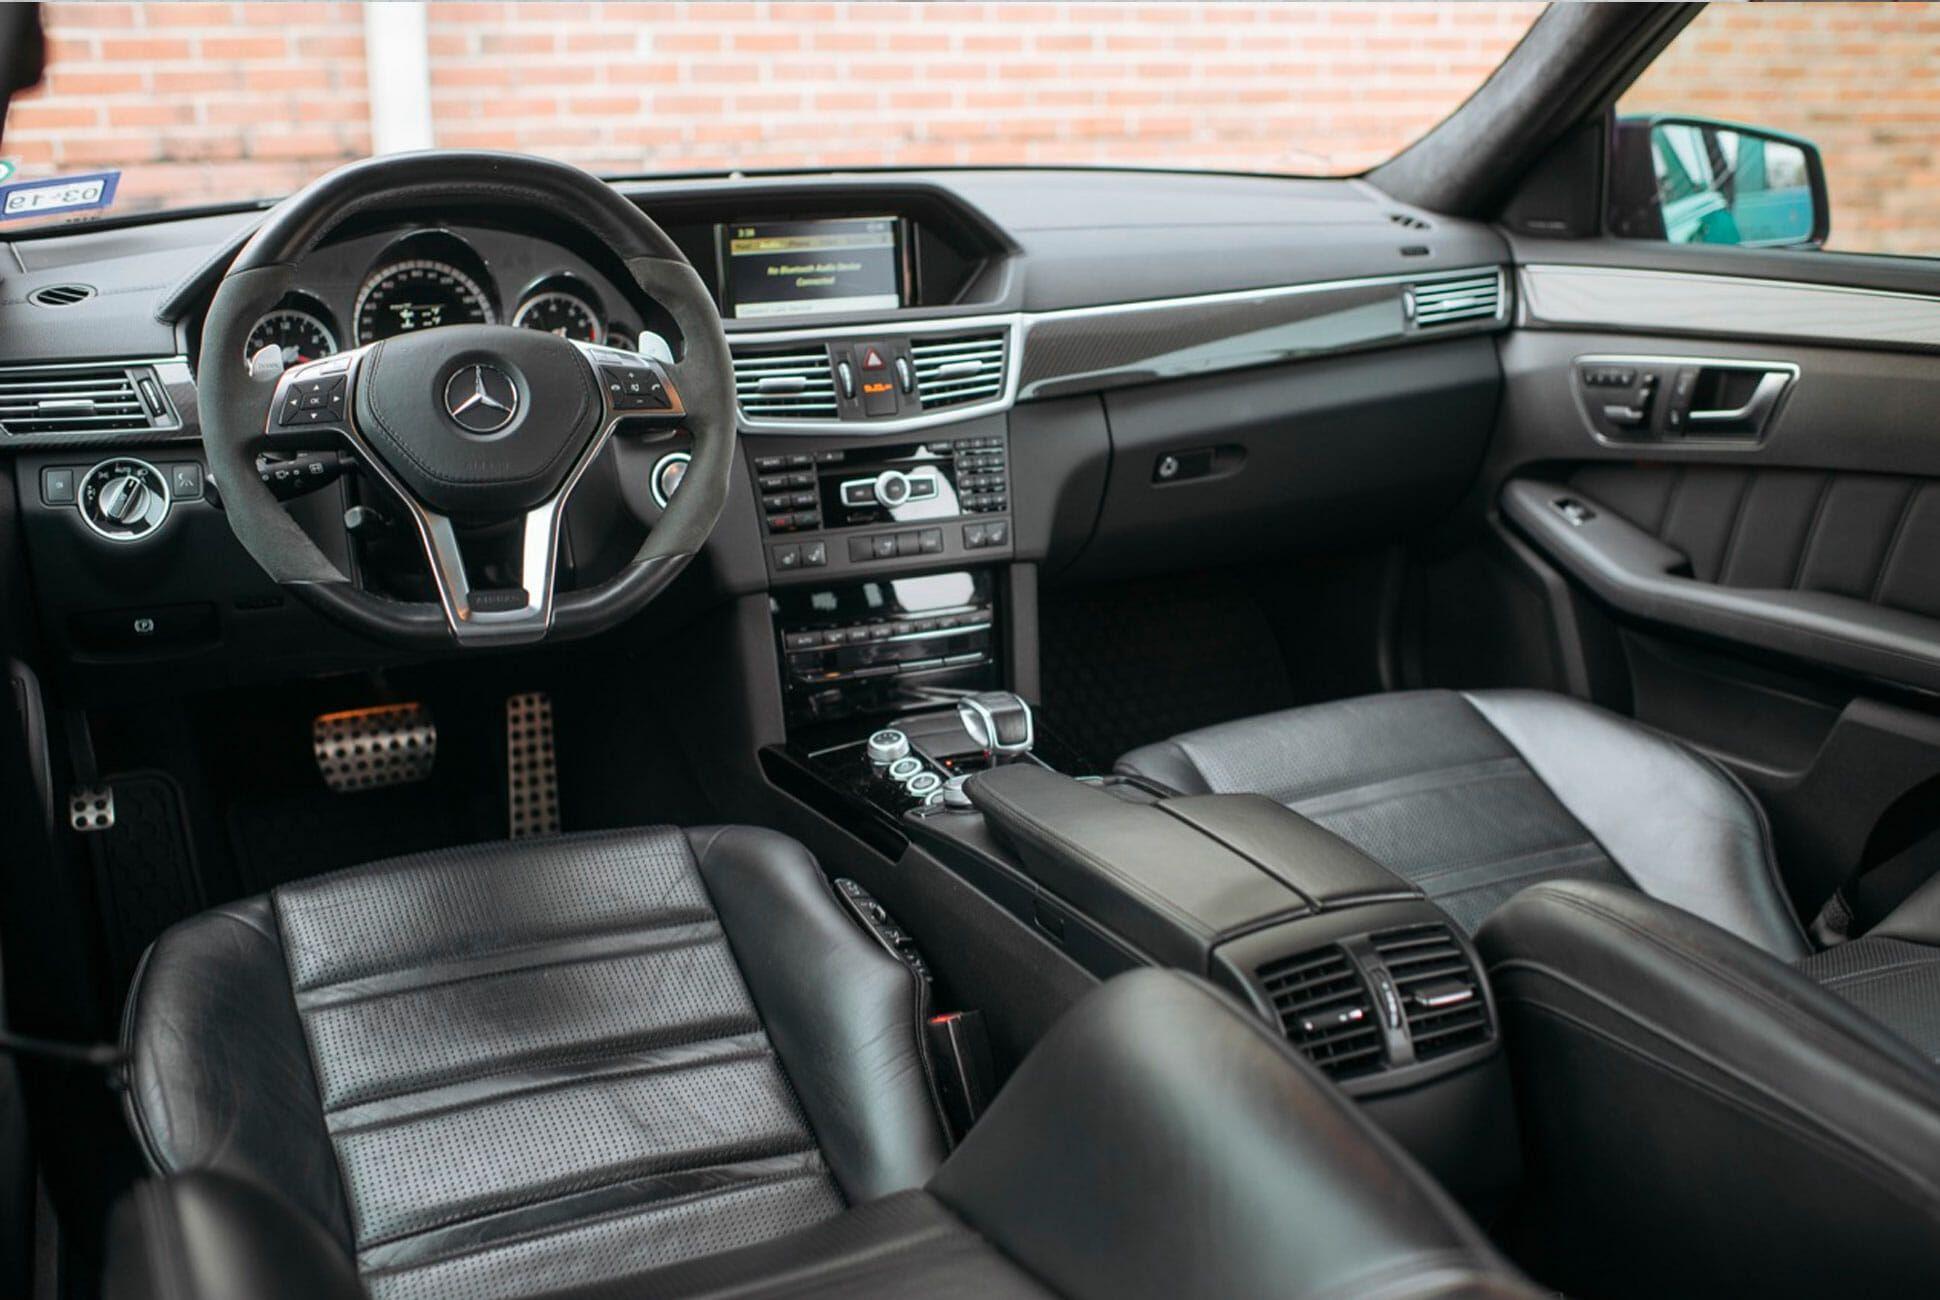 2012-Mercedes-Benz-E63-AMG-Wagon-gear-patrol-slide-05